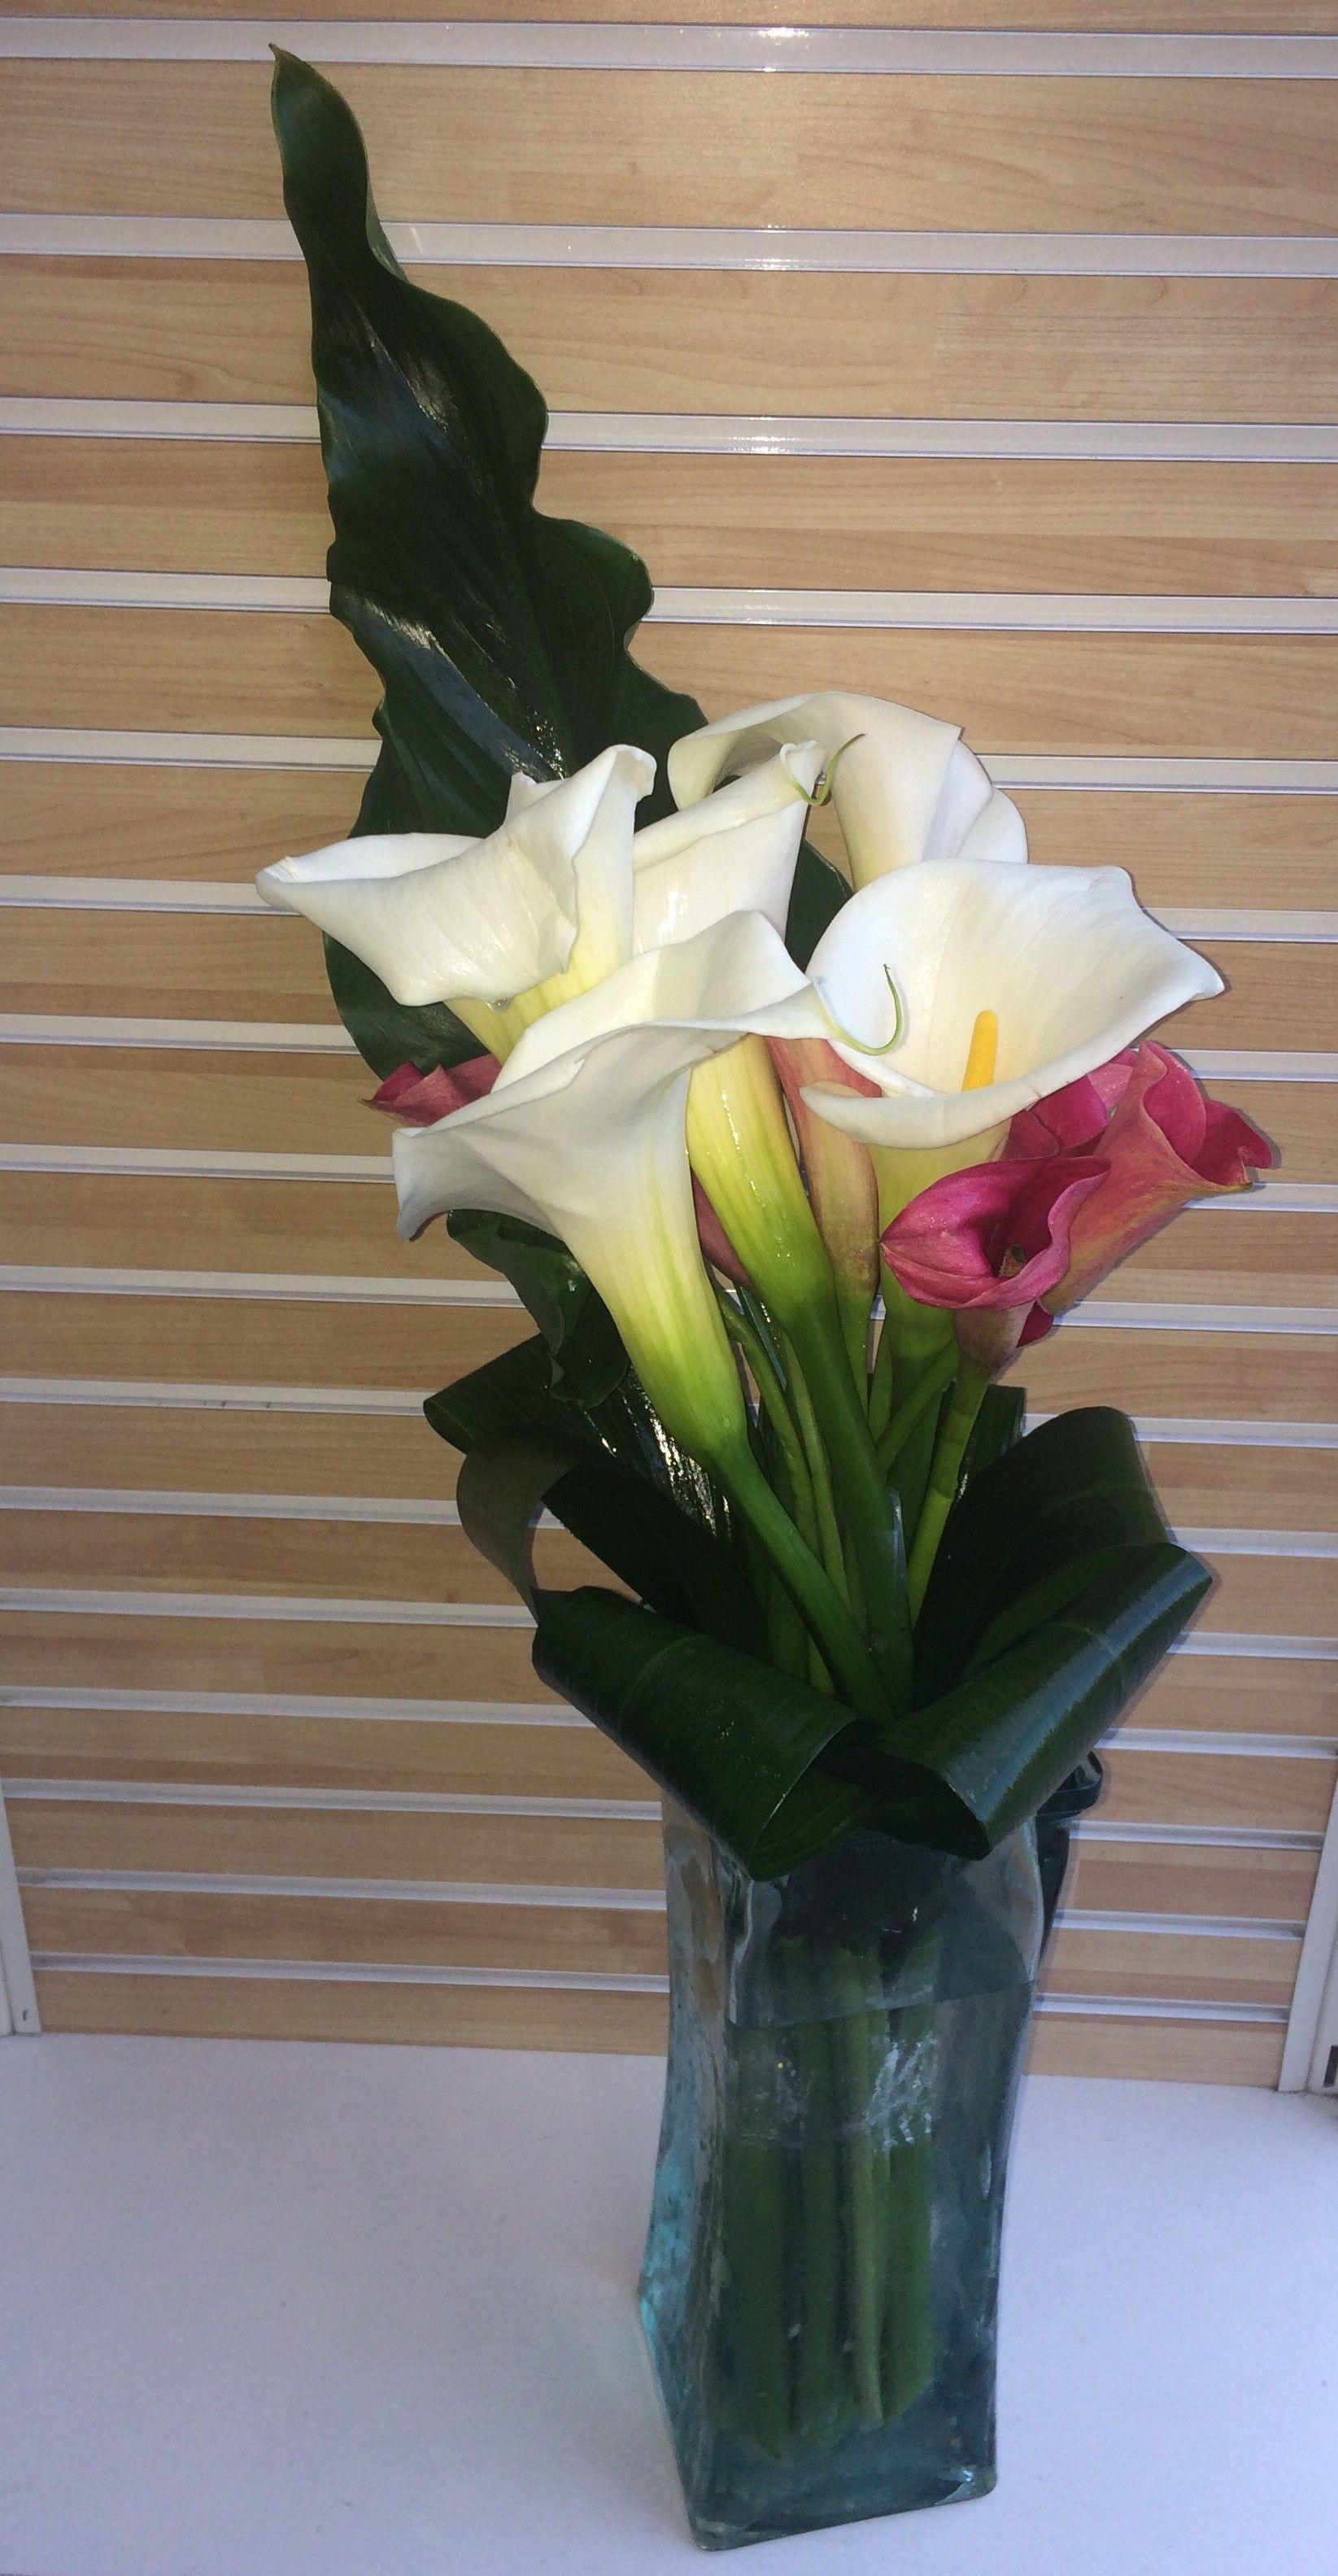 Memorable calla lily bouquet jarros pinterest secret boutique send the memorable calla lily bouquet bouquet of flowers from orchids little secret boutique in placentia izmirmasajfo